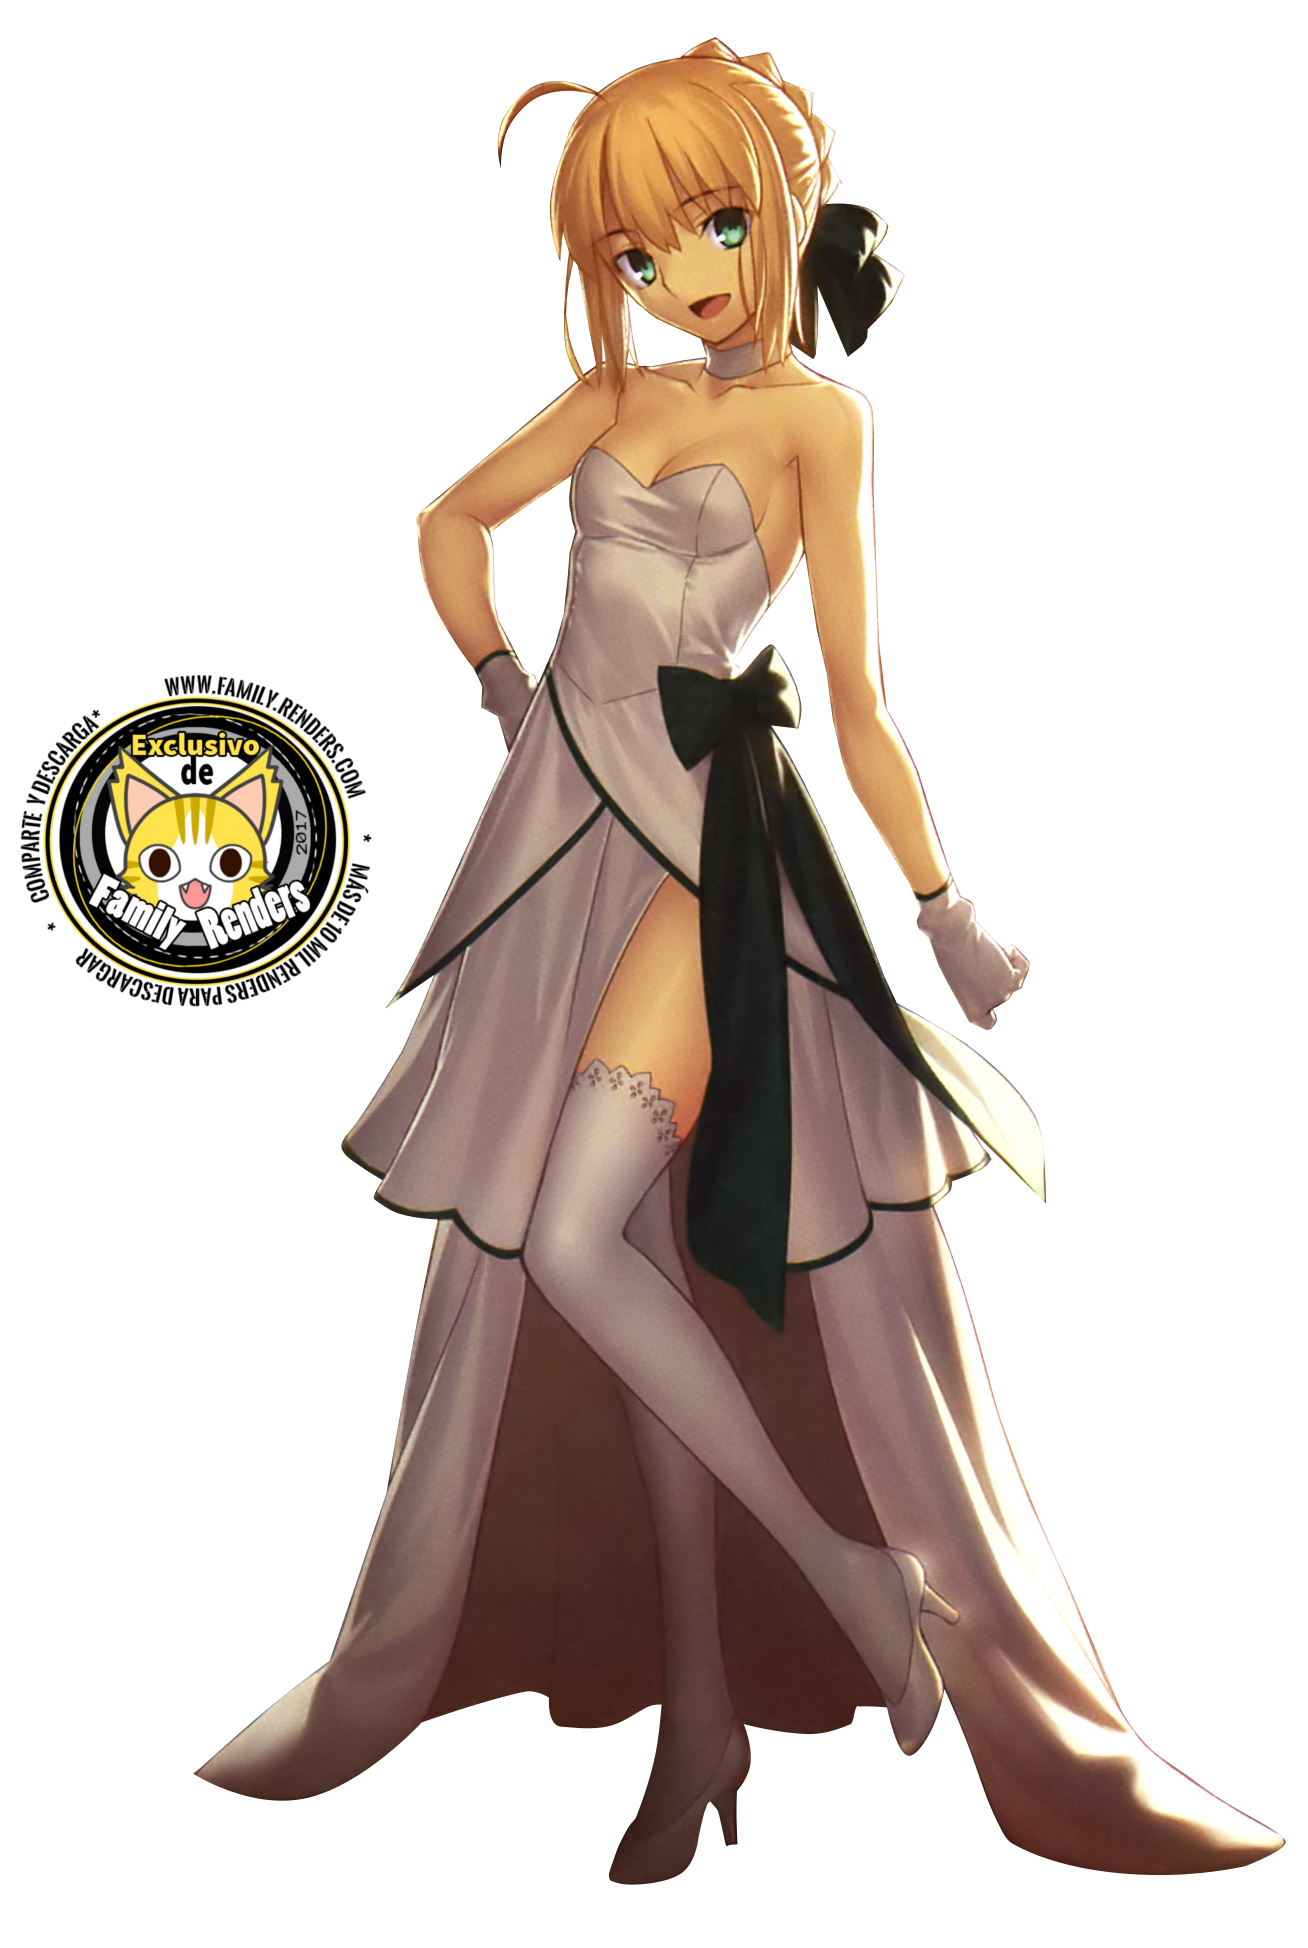 render saber lily